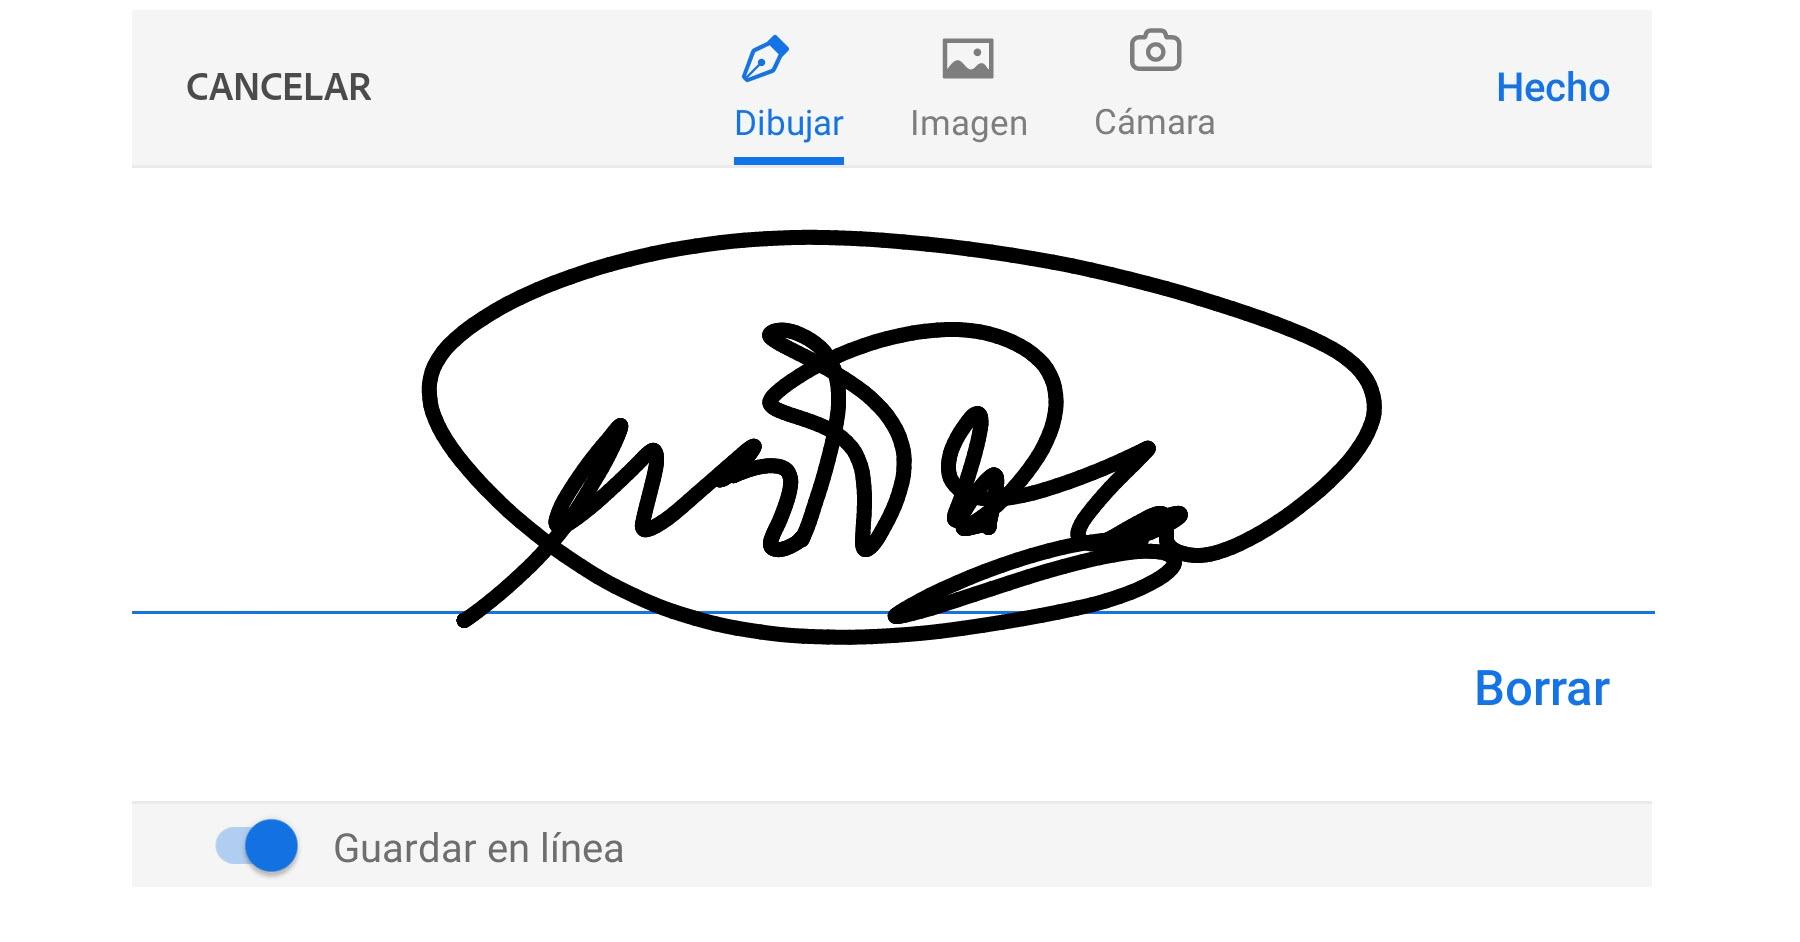 Cómo firmar documentos en el mismo celular para enviar electrónicamente (evitar imprimir, firmar, escanear)